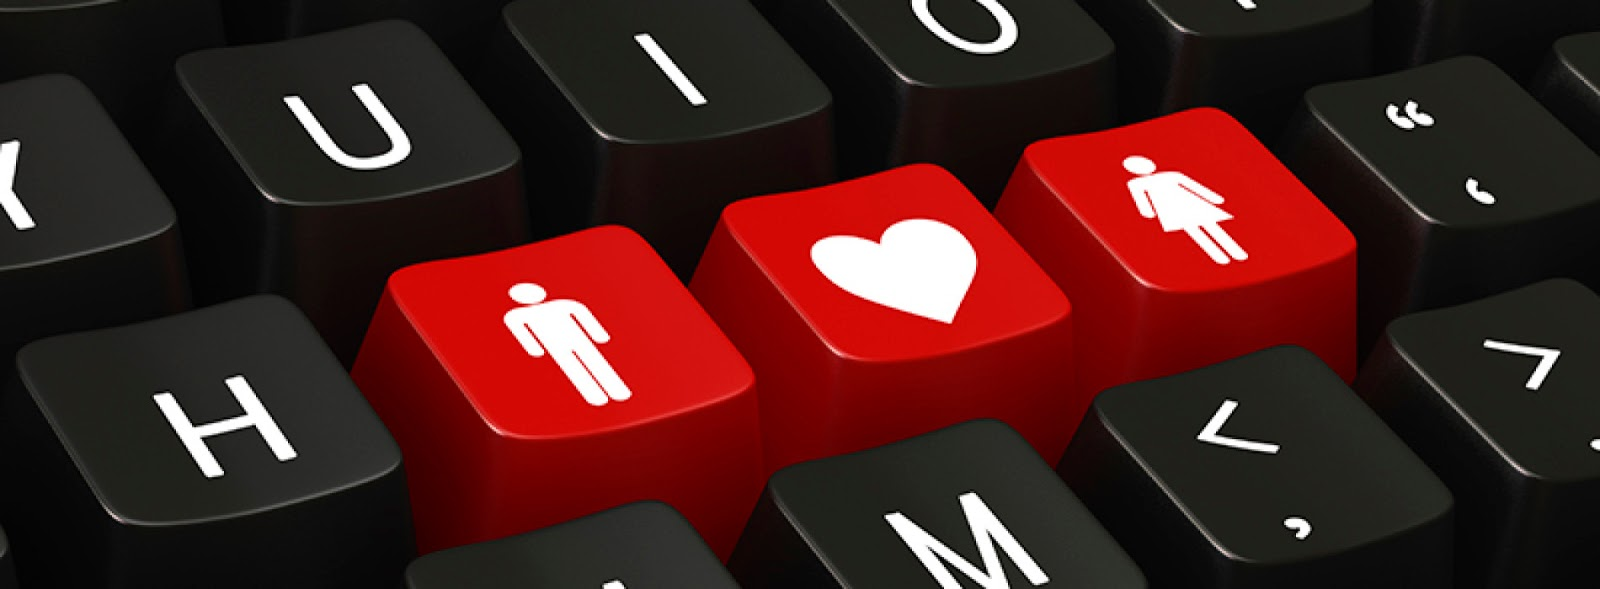 Descubre qué hacer para acelerar tu búsqueda de pareja por internet